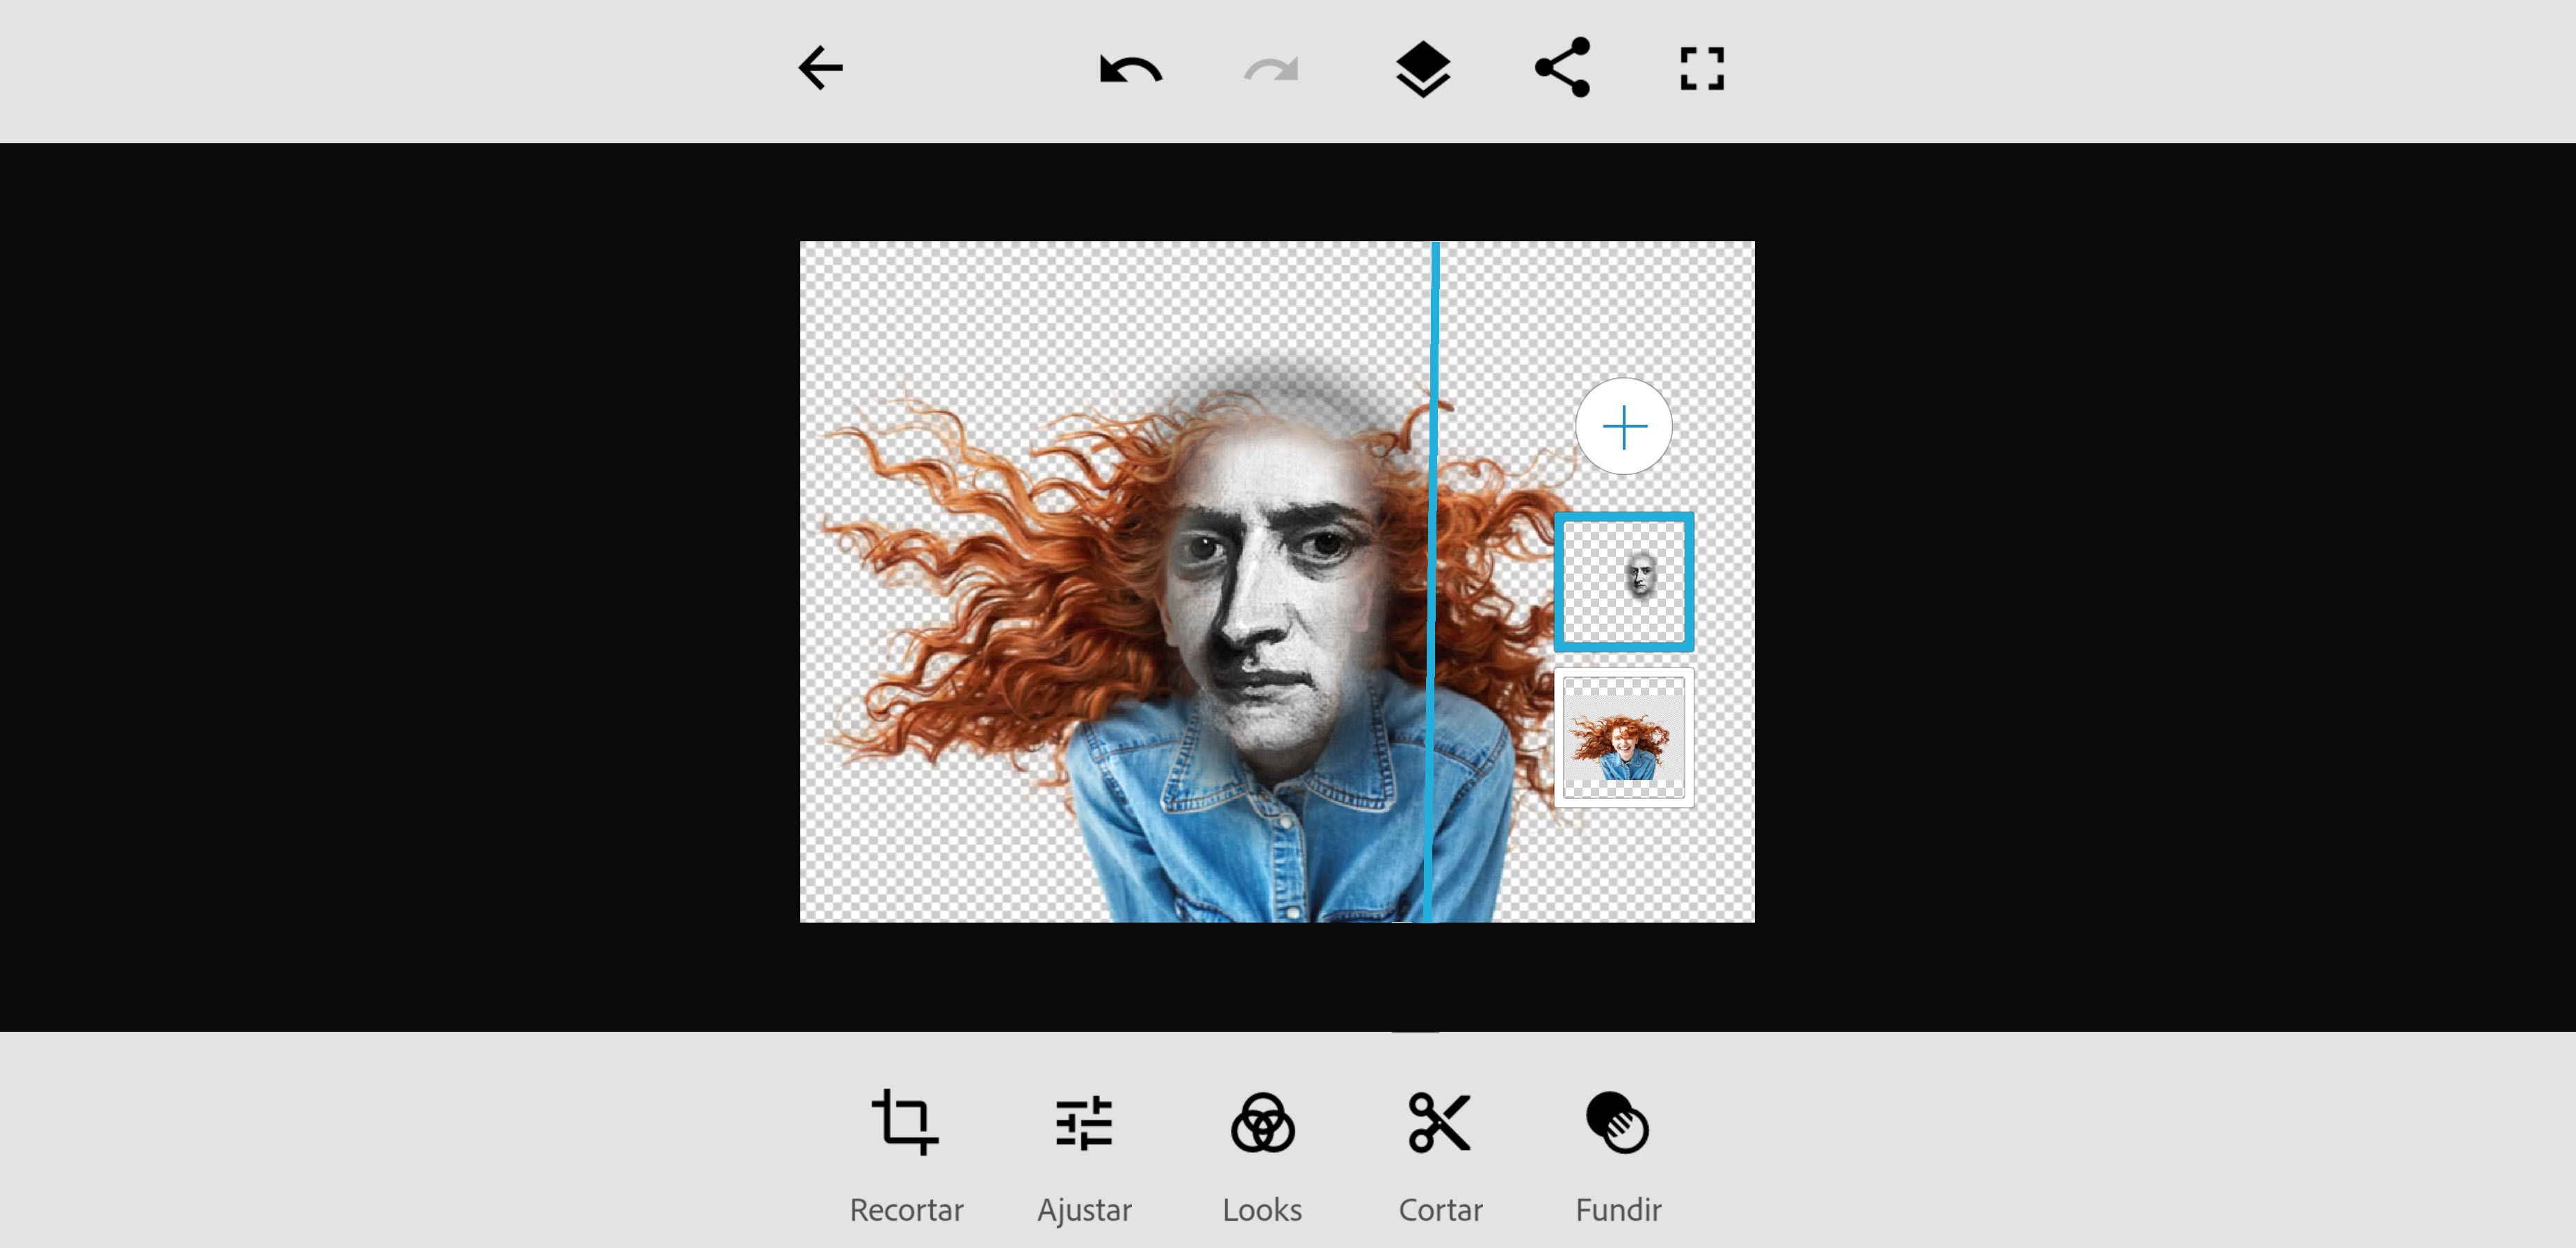 Cómo poner personas en fotos (fotomontaje)